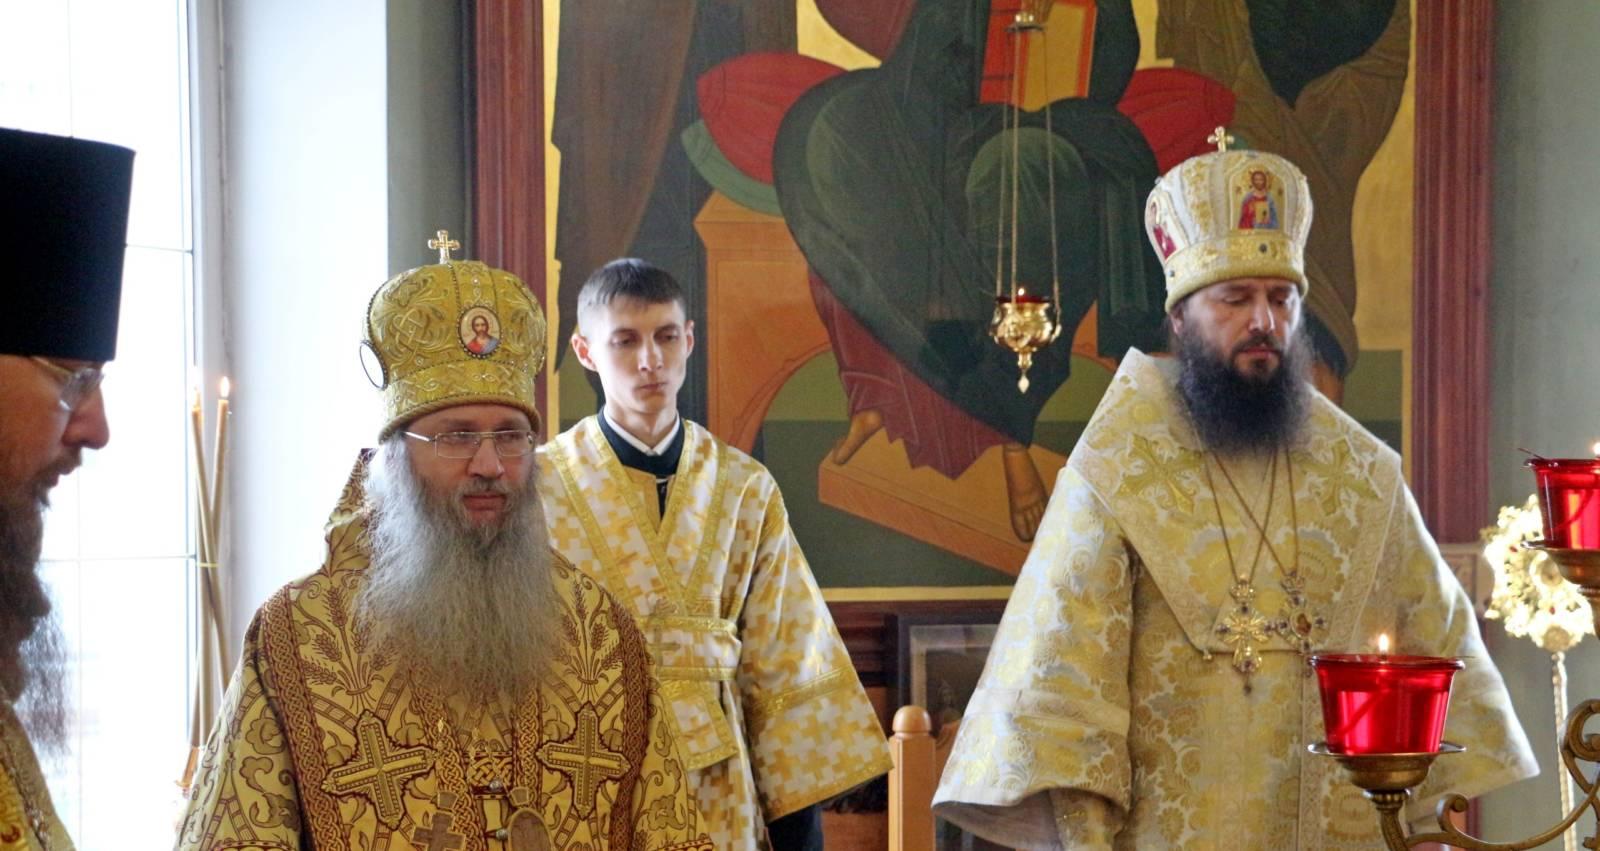 Митрополит Волгоградский и Камышинский Феодор возглавил служение Божественной литургии в Урюпинской епархии.